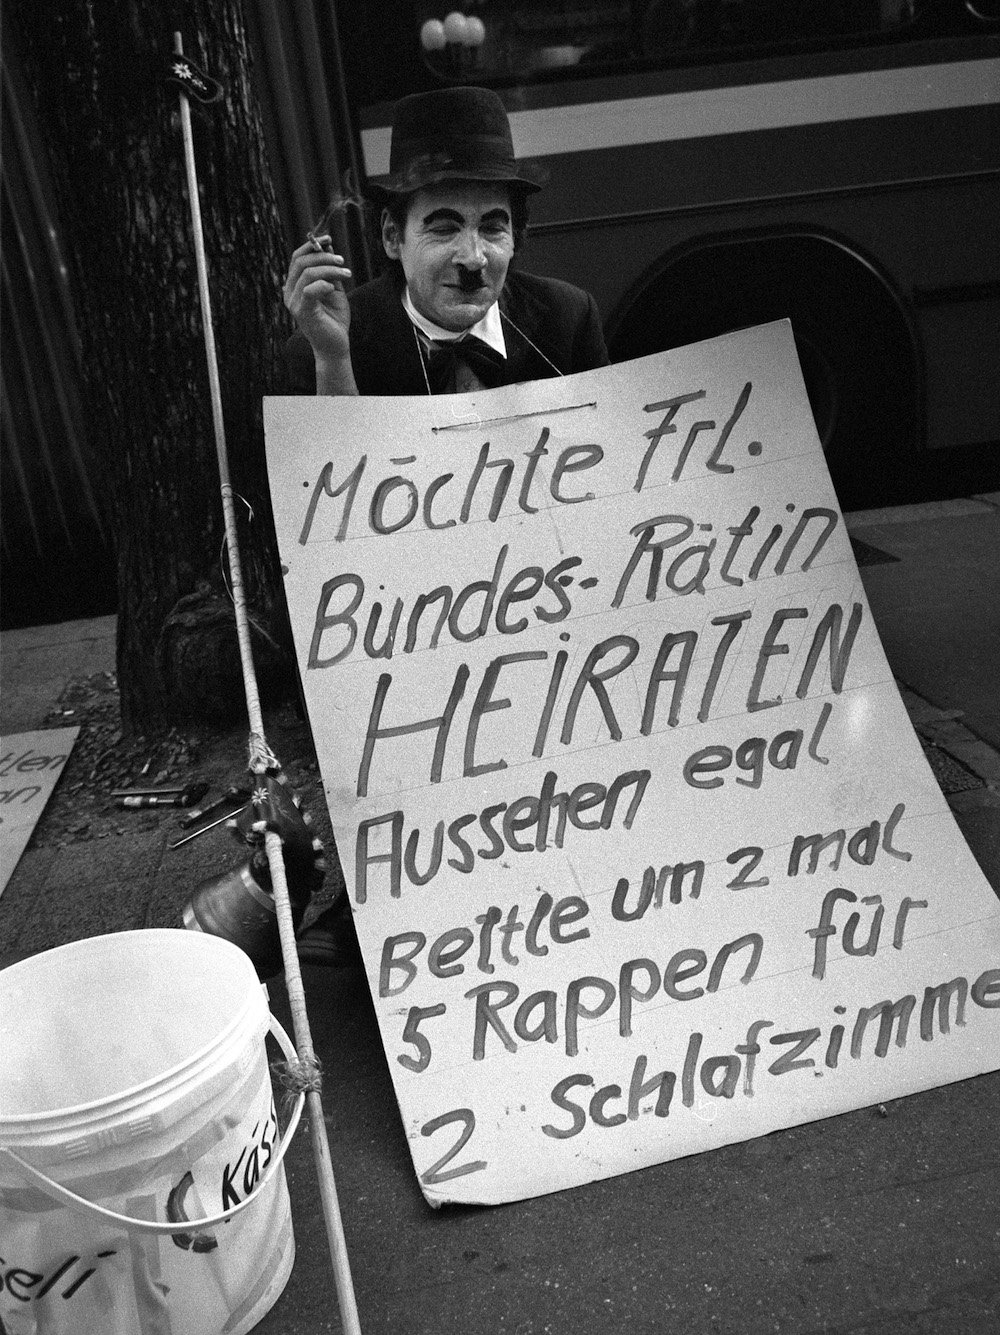 Frölein Philosophin Emil Manser in seinem Chaplin Outfit.(Bild: Emanuel Ammon/Aura)